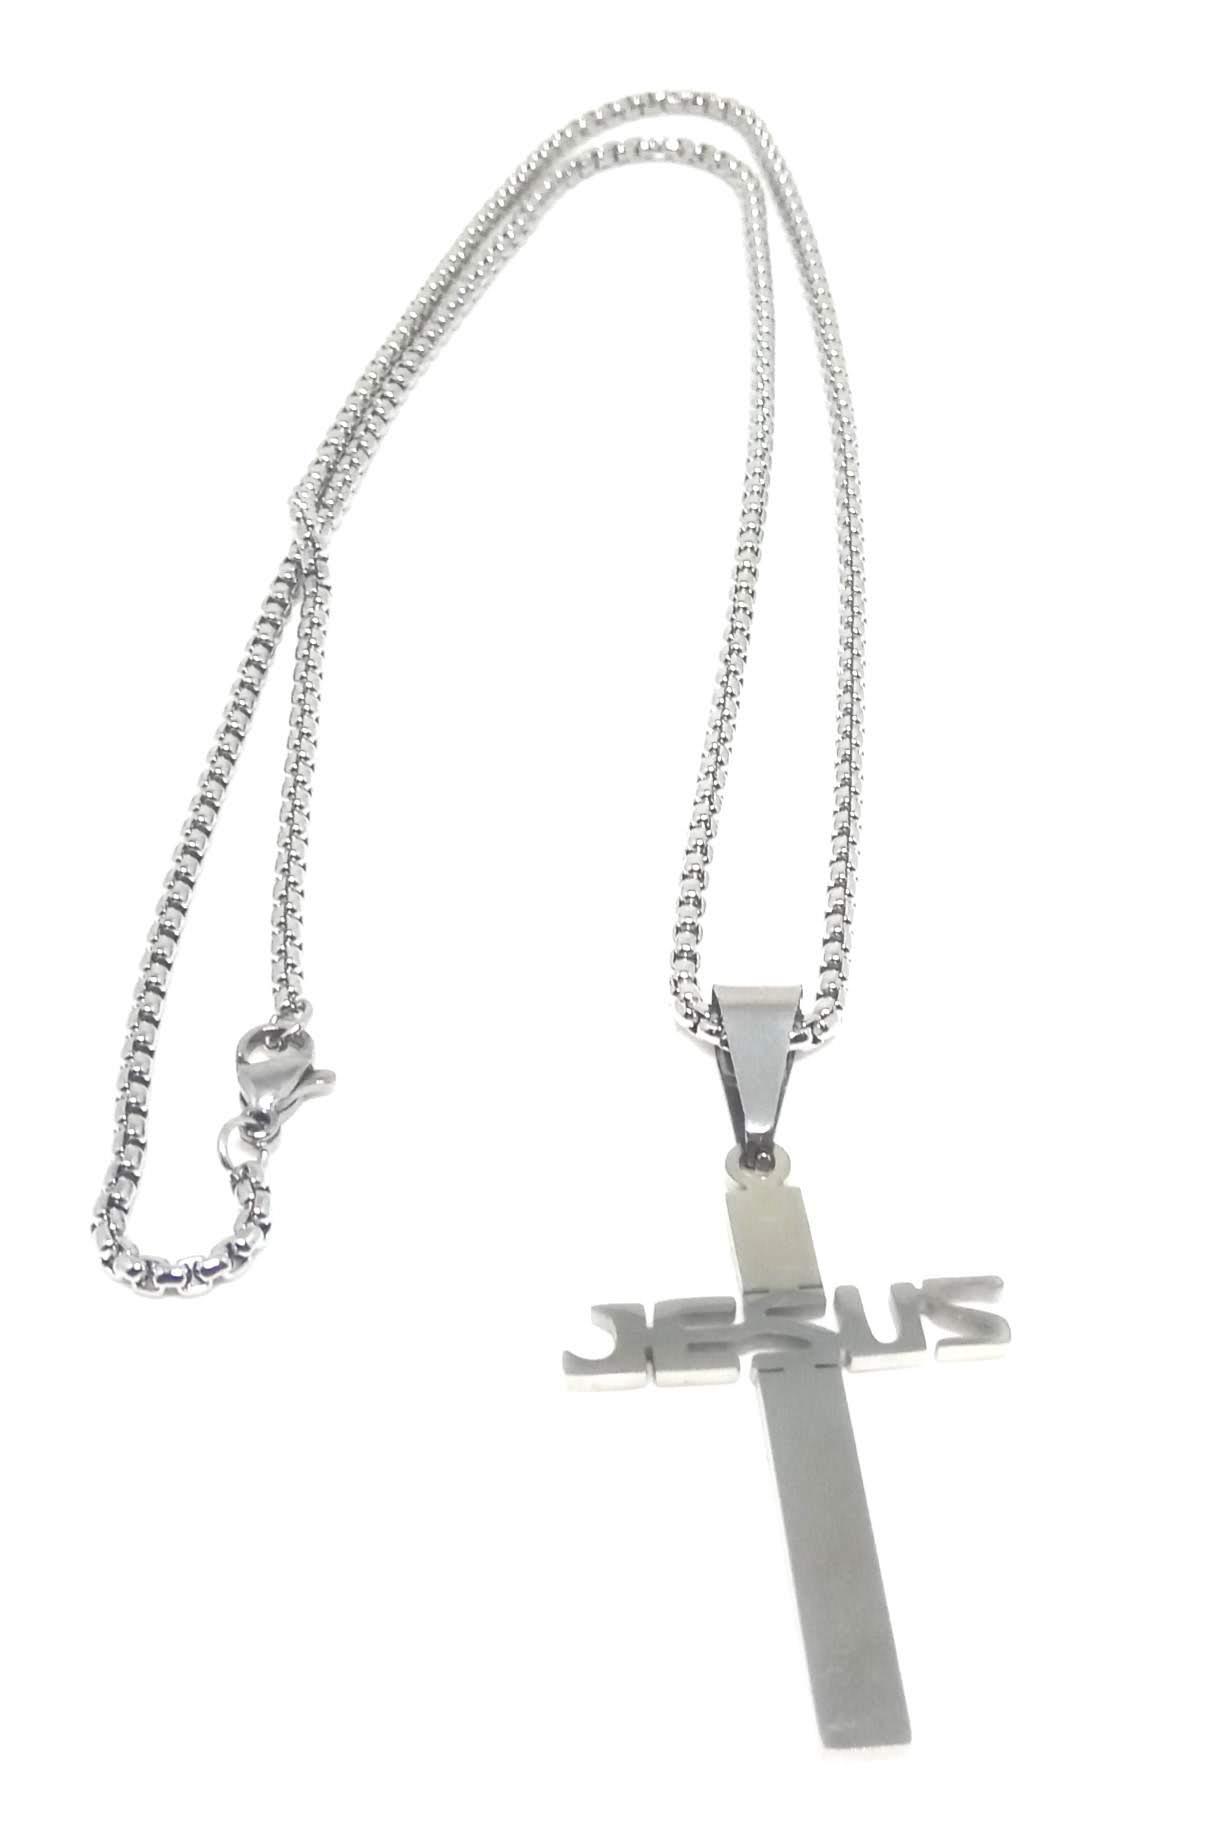 Cordão Corrente Aço Cirúrgico 316L 2,5mm Pingente Cruz Jesus